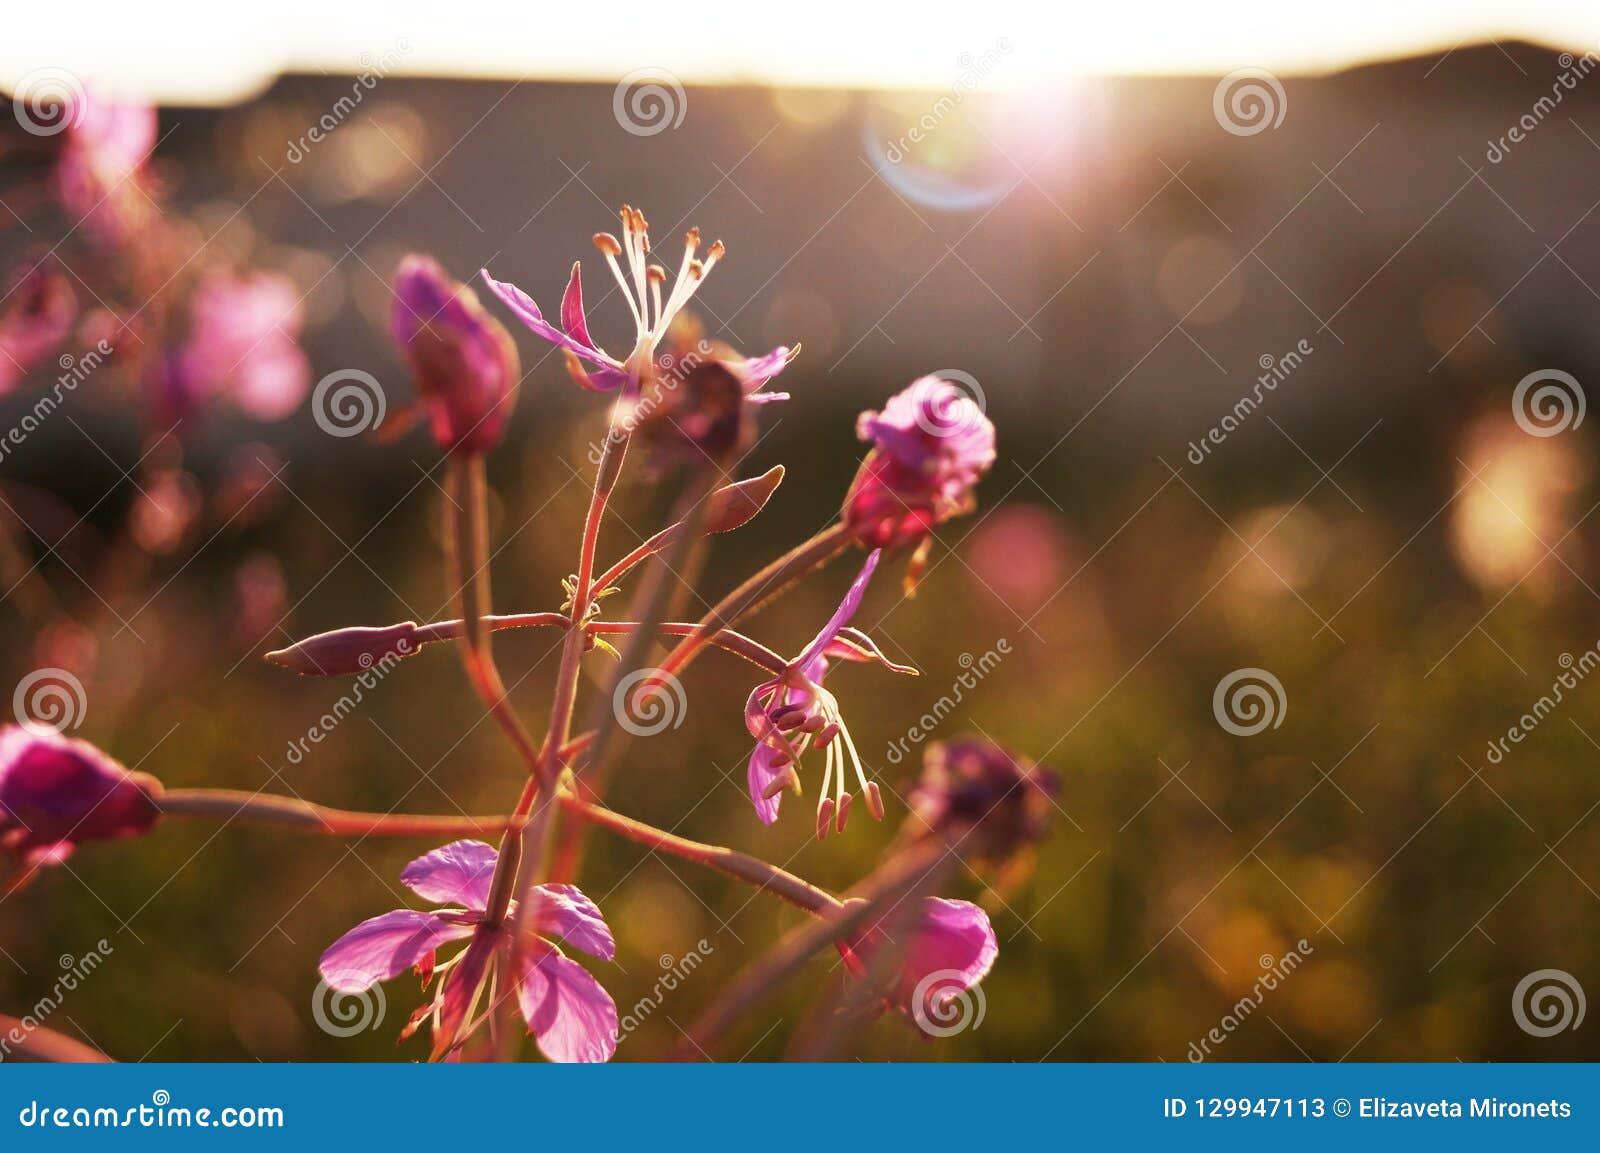 Sauce-té de las flores en el fondo del campo